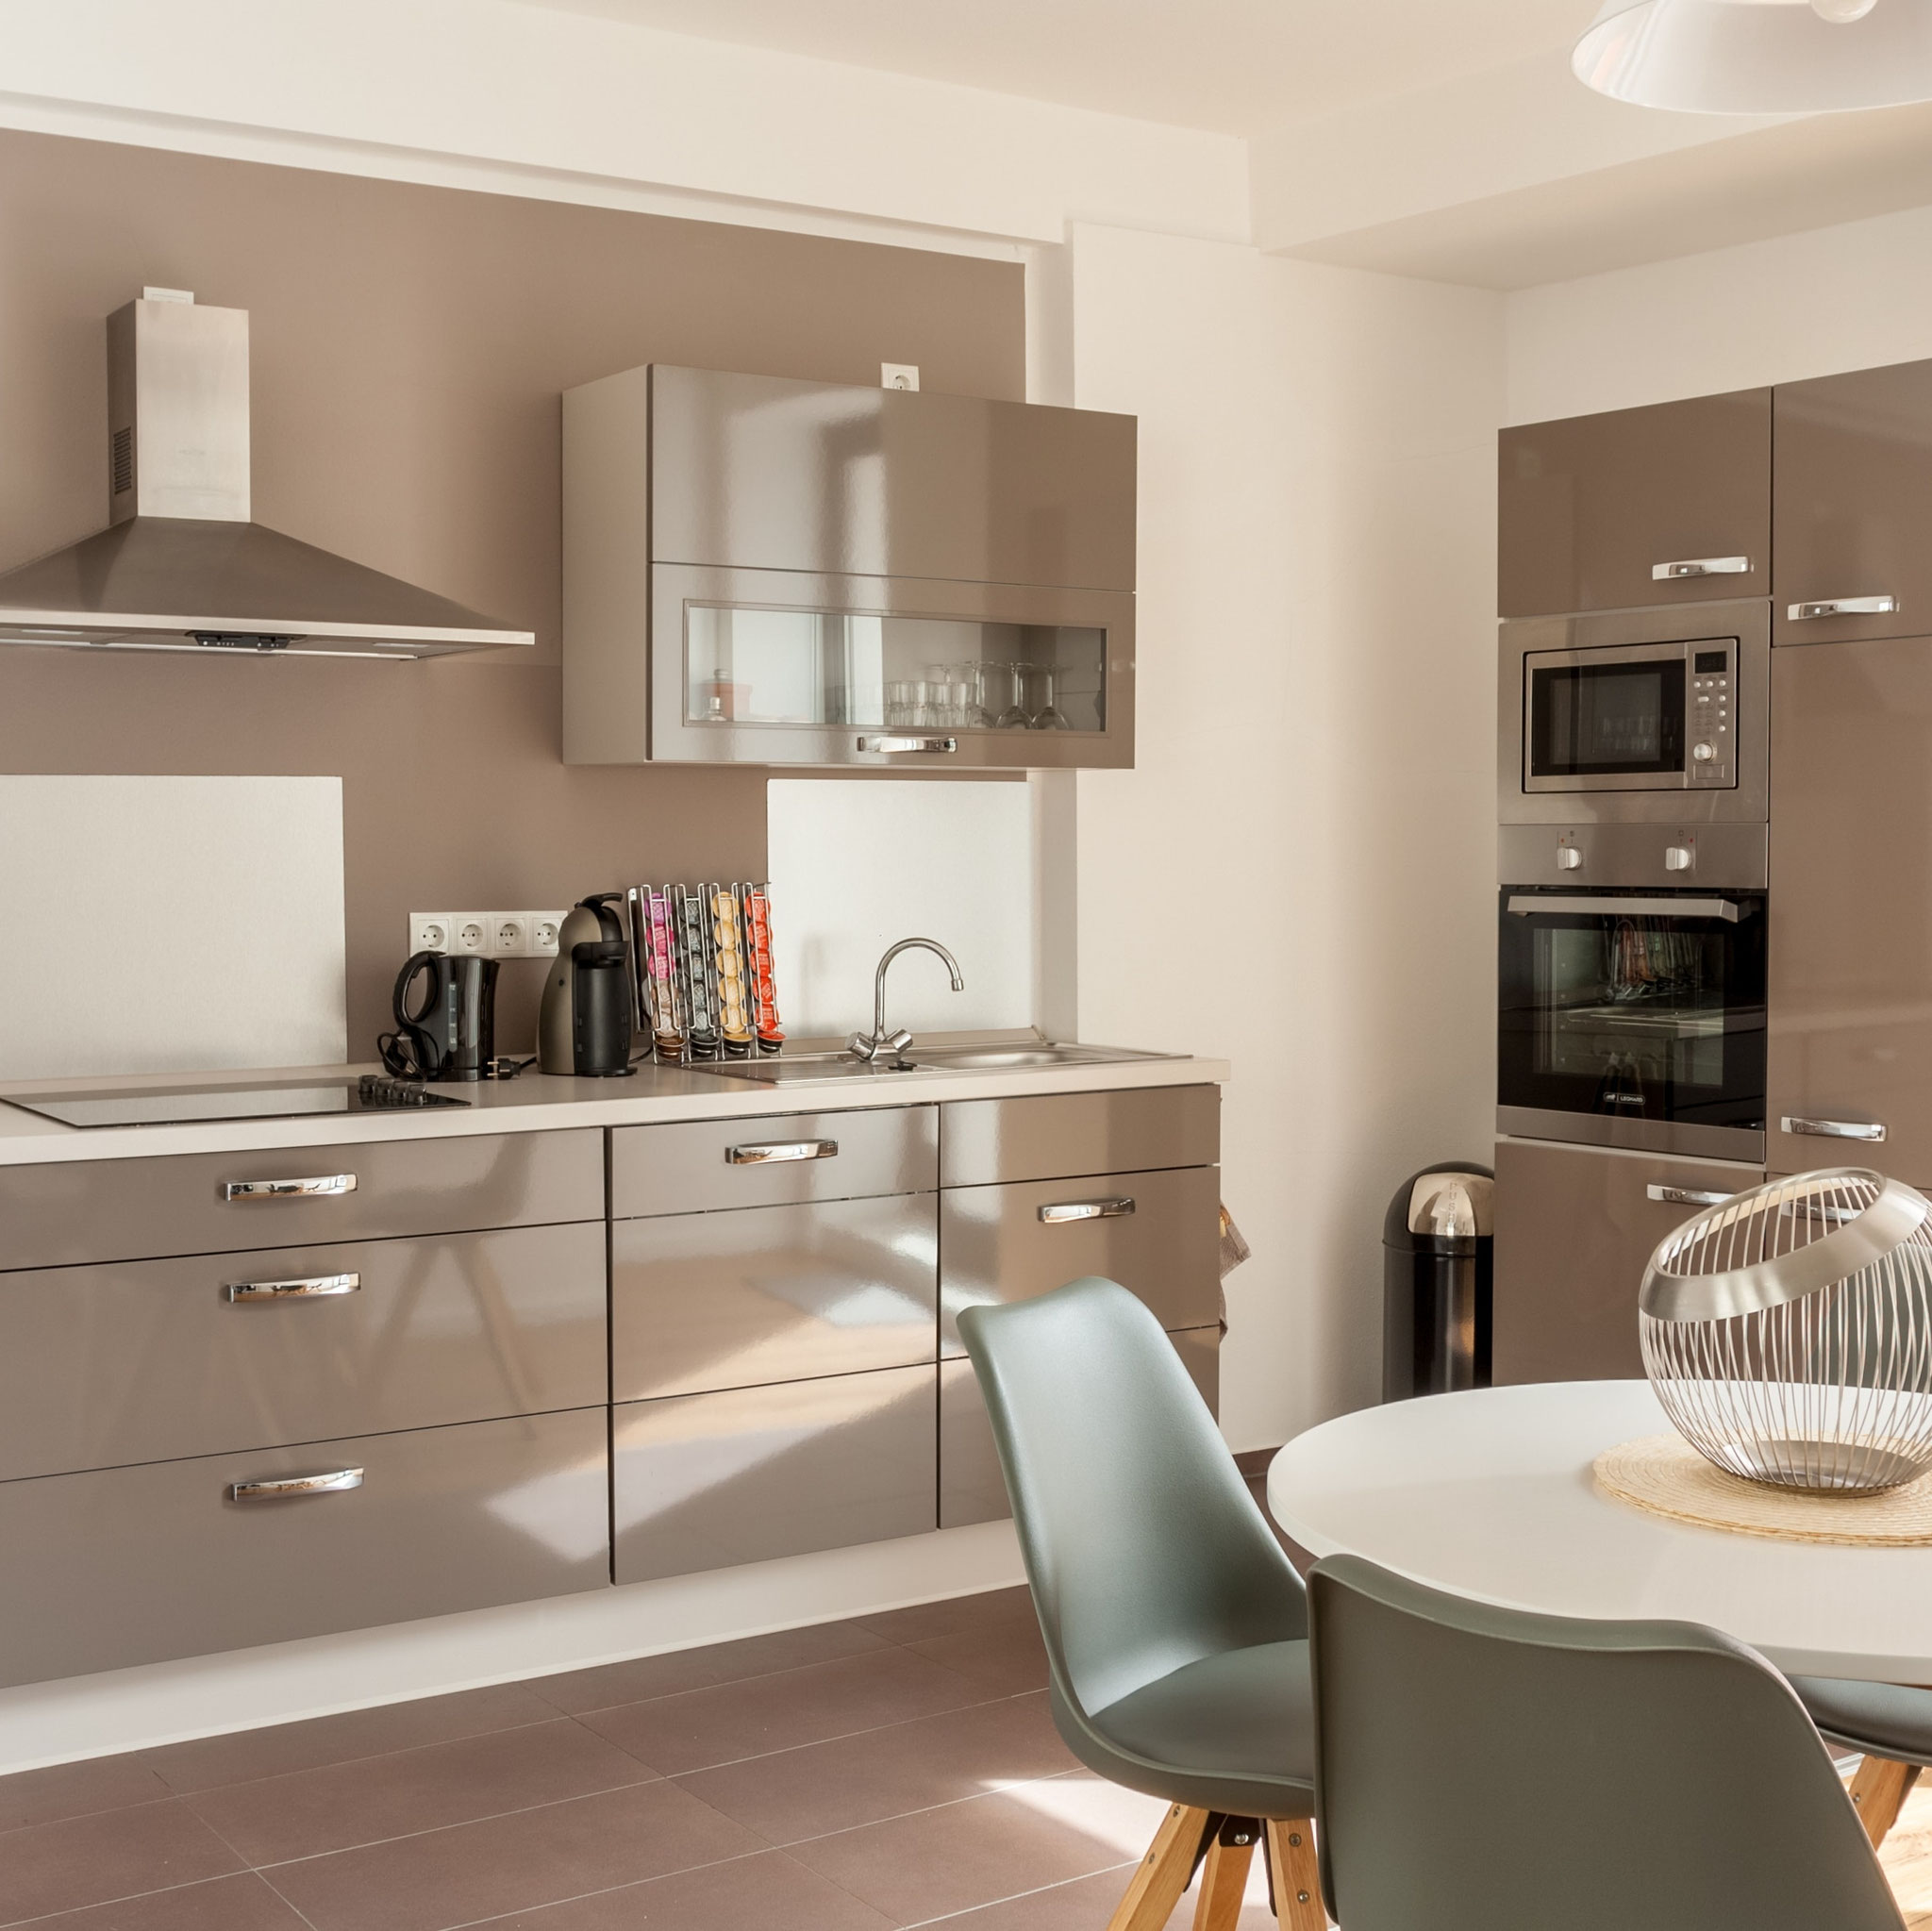 Ferienwohnung Schwerin - Wohnzimmer mit Relaxsessel